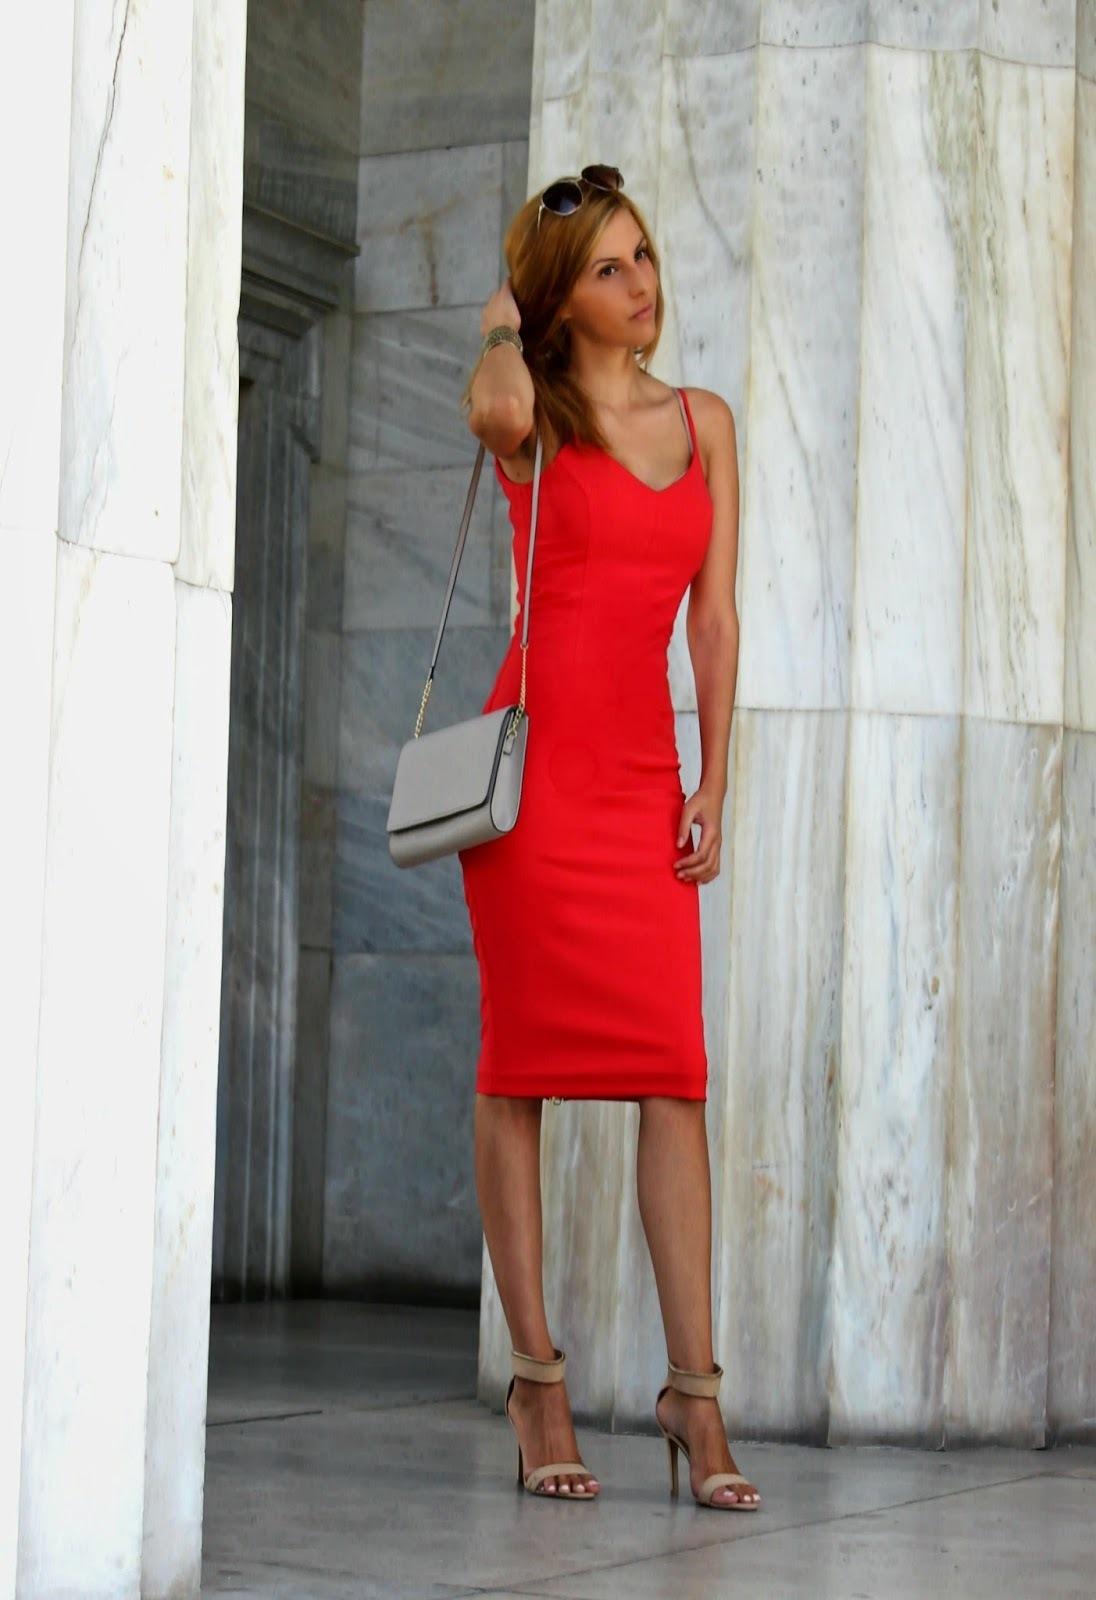 Красное платье и бежевые босоножки